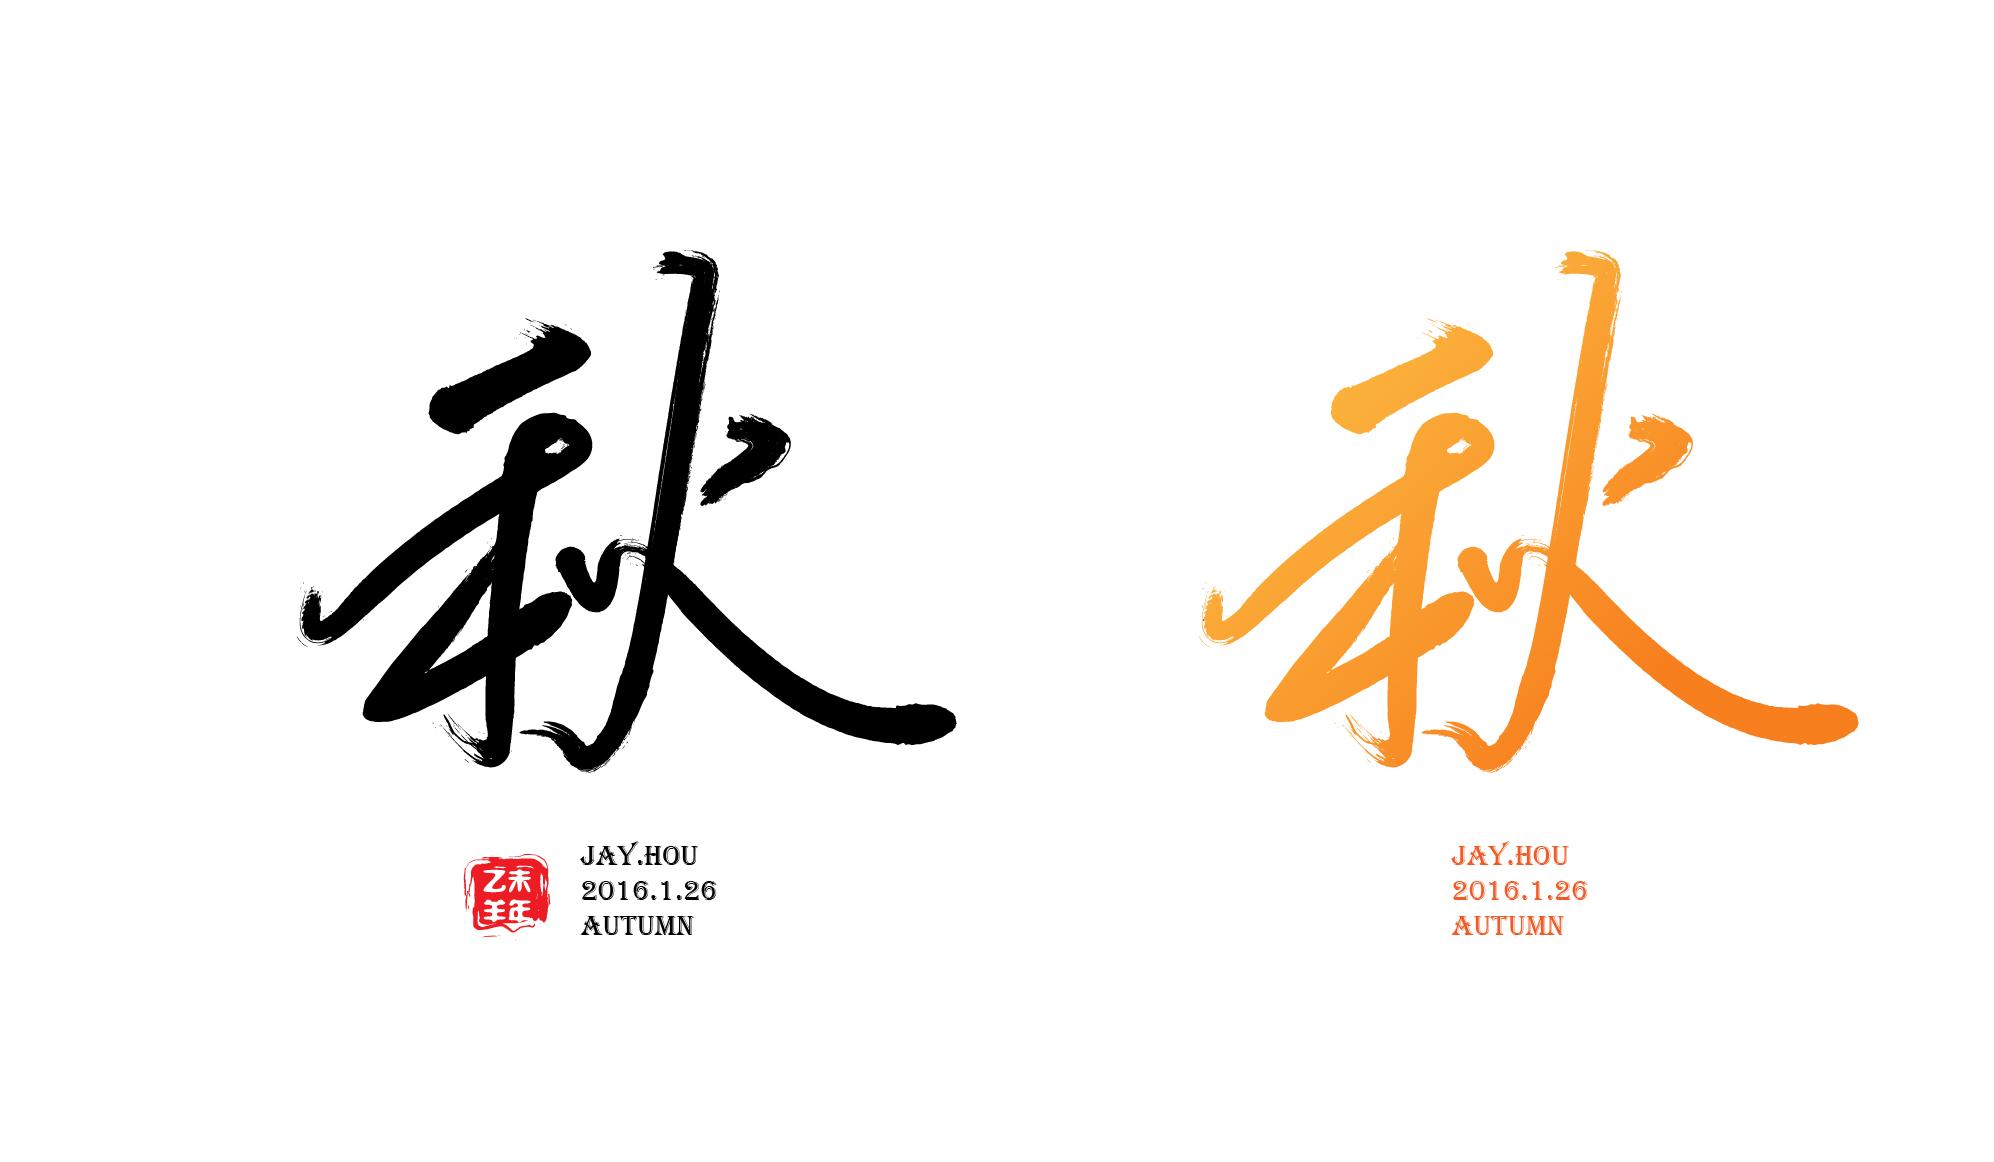 2016毛笔字春,夏,秋,冬练习图片